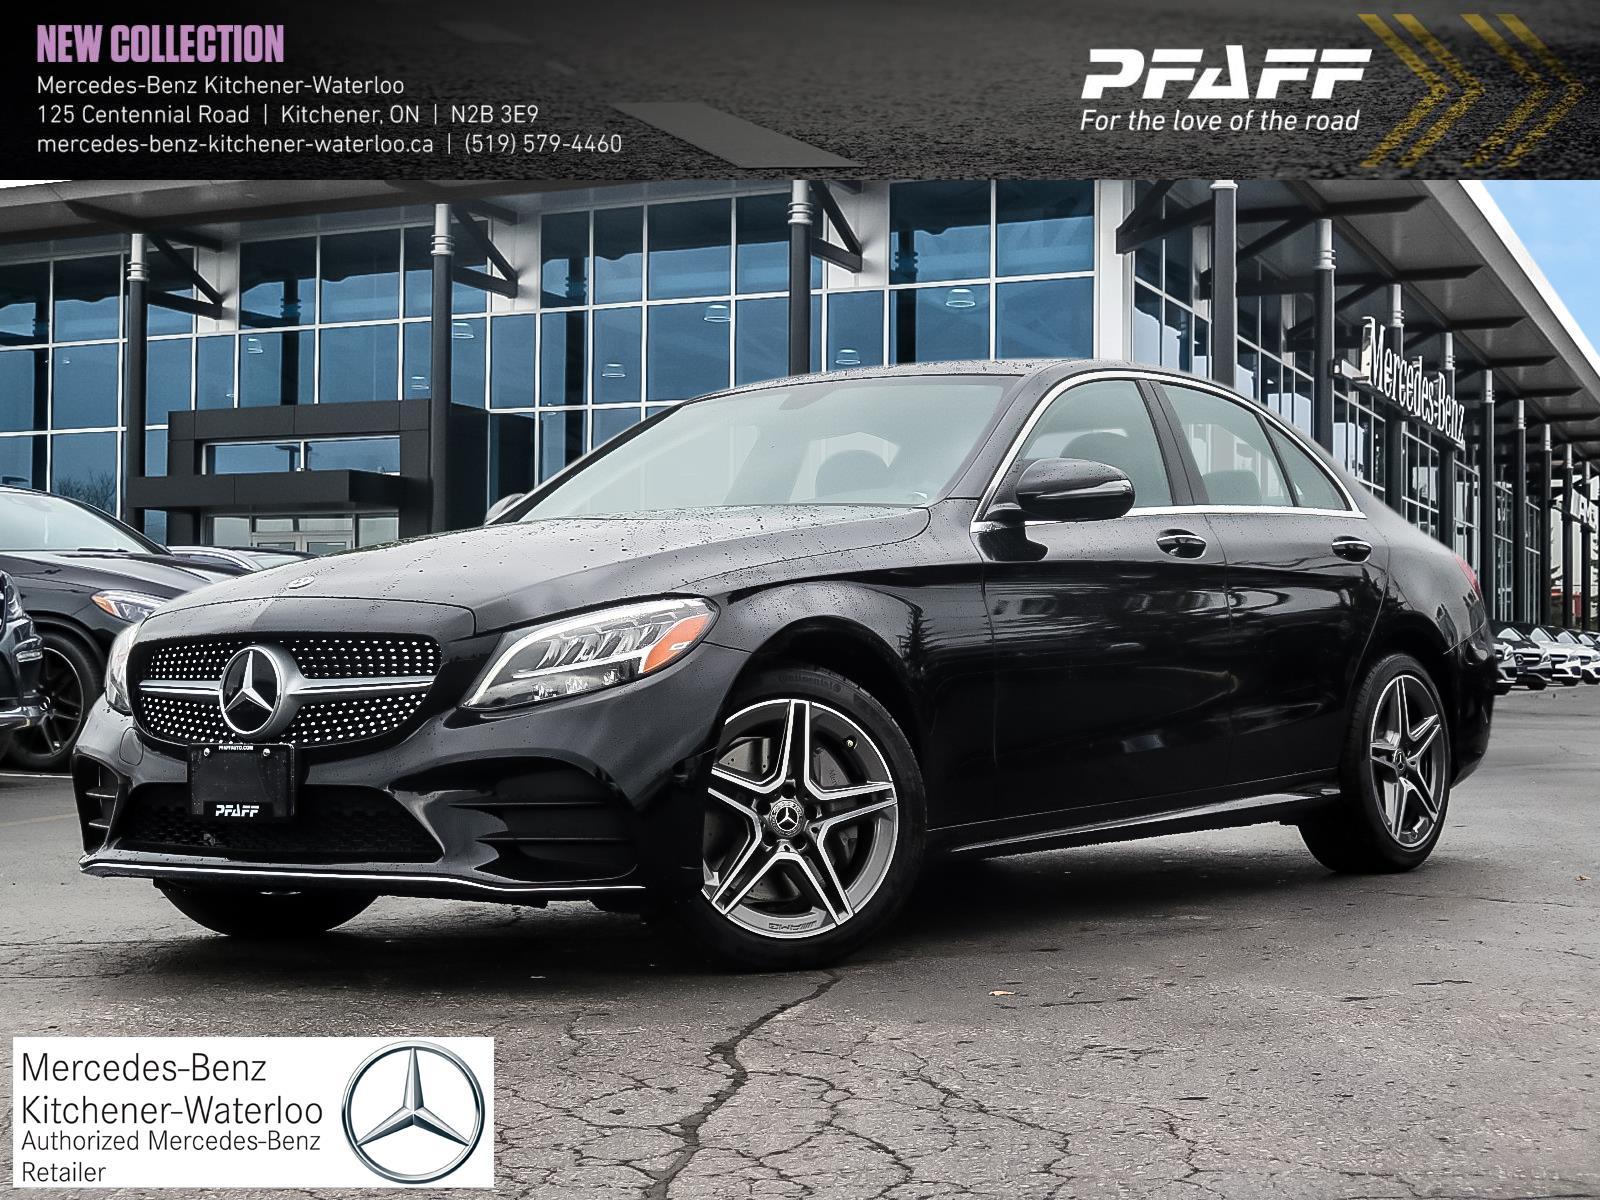 New 2020 Mercedes-Benz C300 4MATIC Sedan 4-Door Sedan in ...